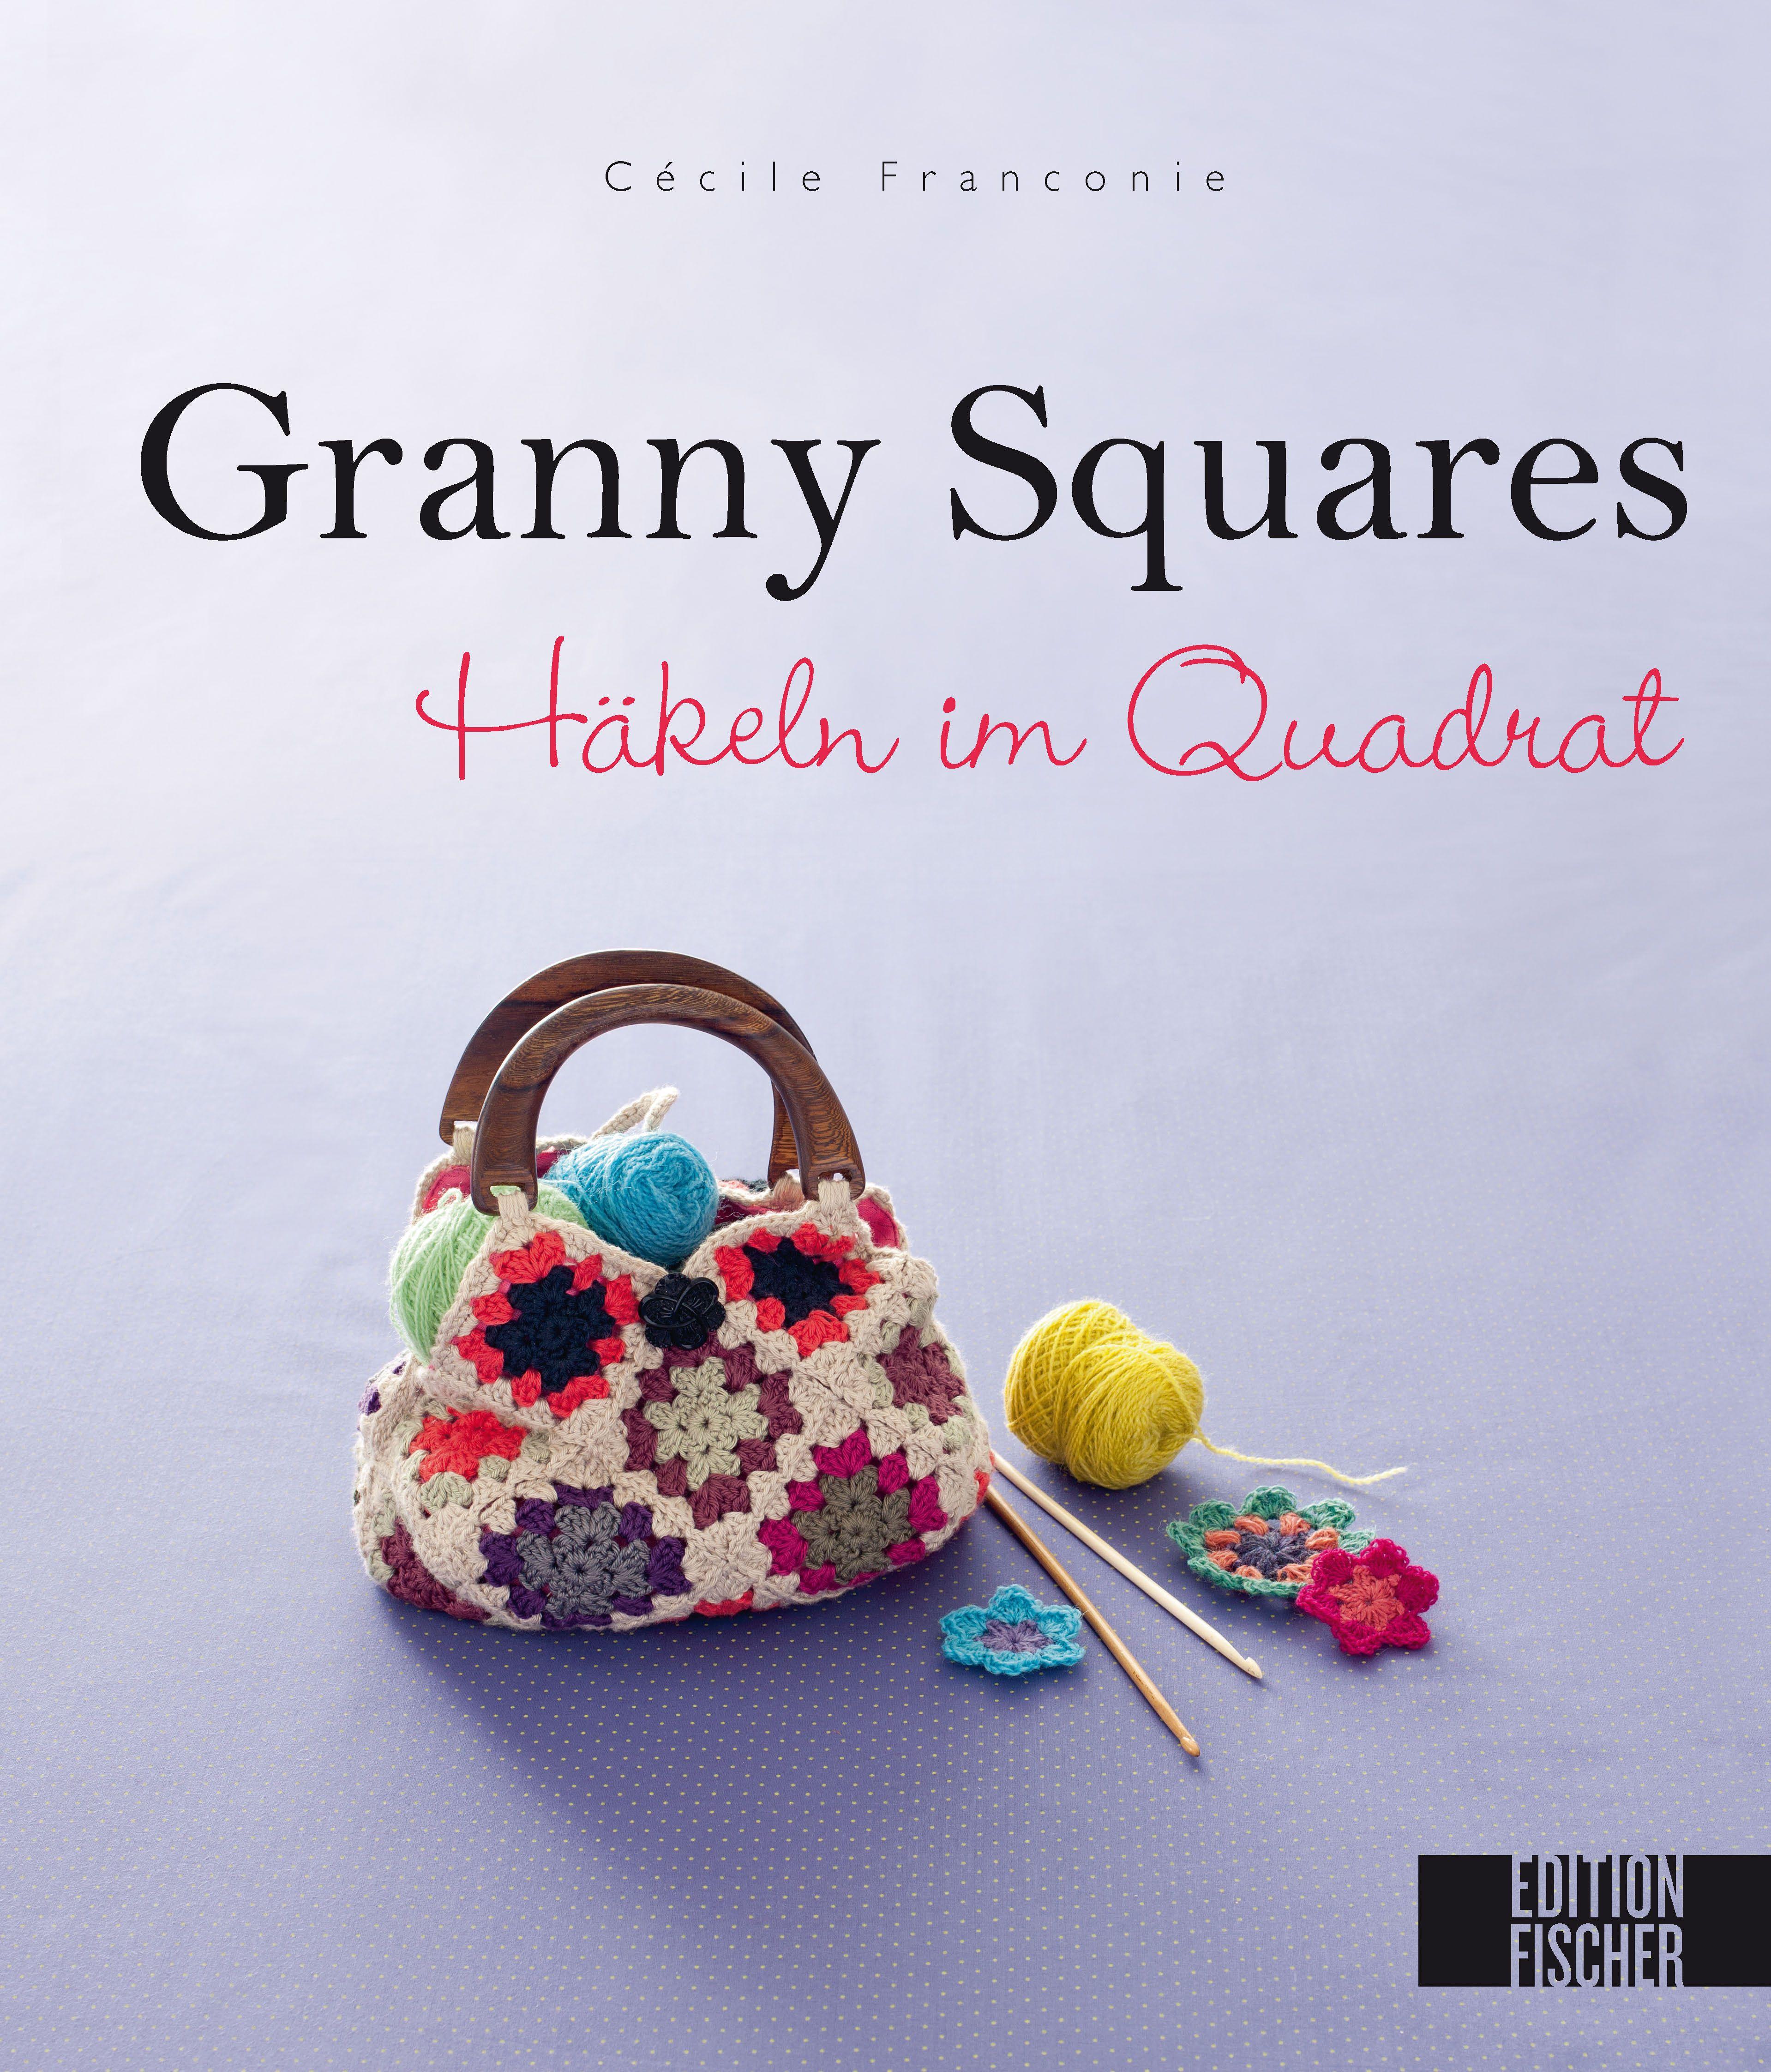 Granny Squares Von Franconie Cécile Häkeln Im Quadrat